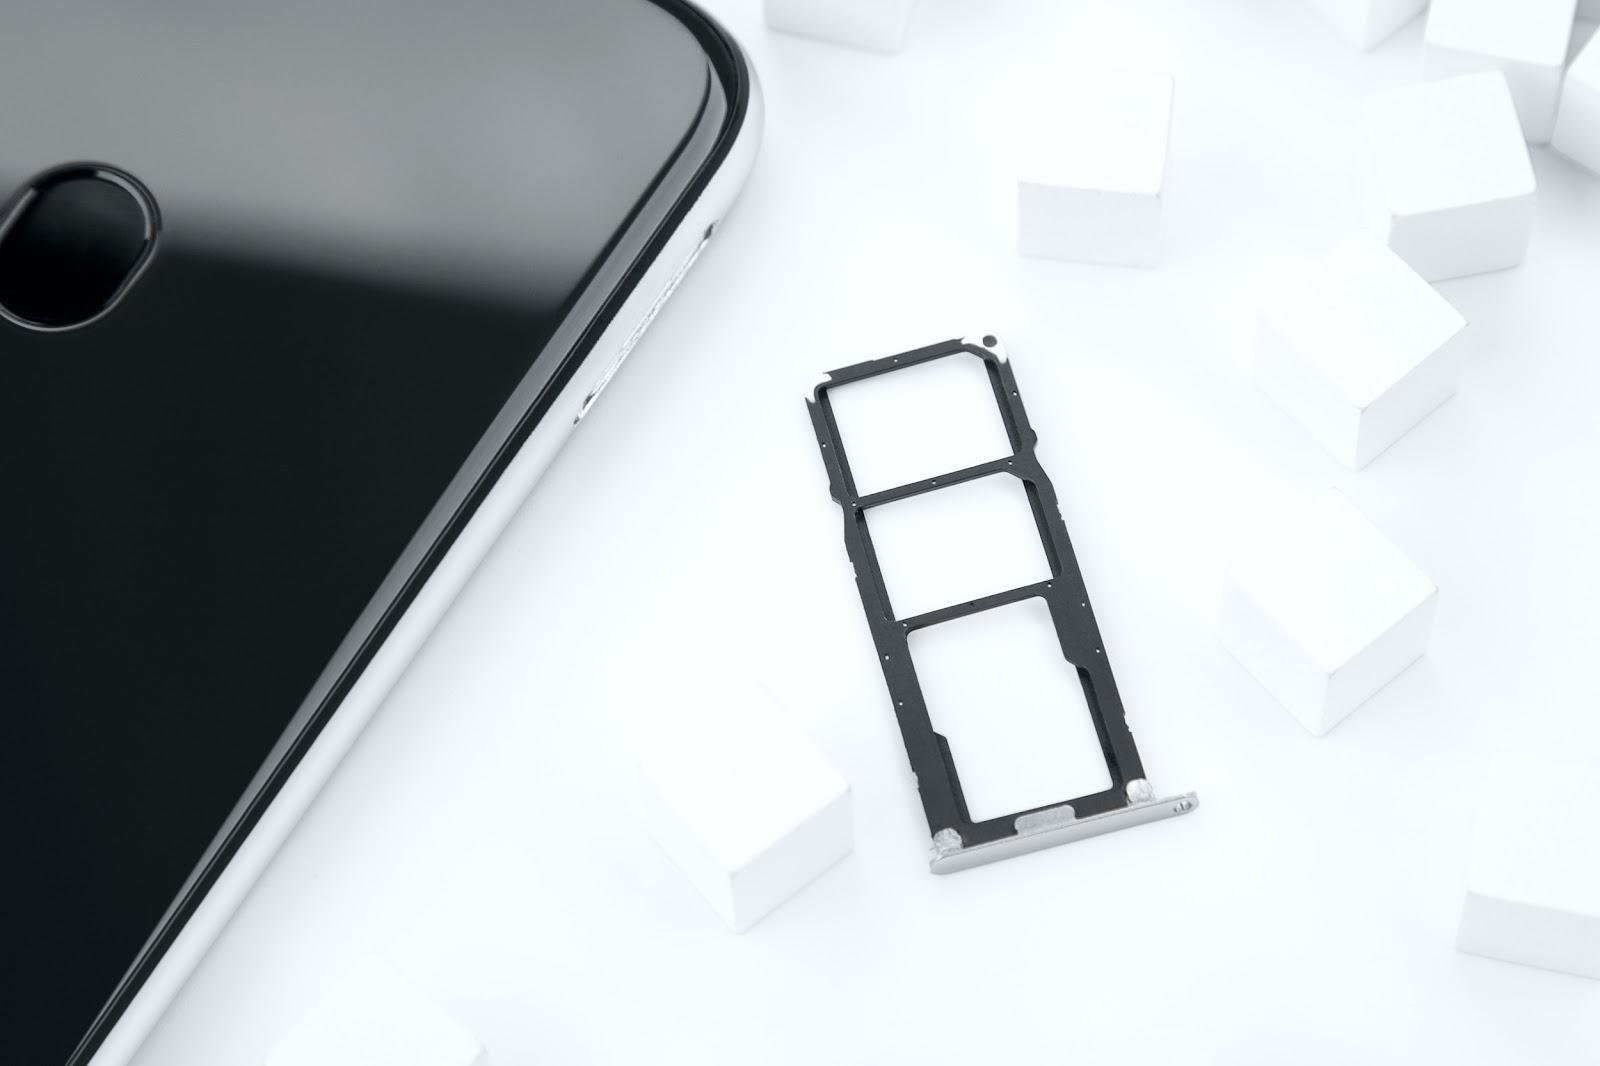 UMIDIGI A3 VS Xiaomi Redmi 6A 2